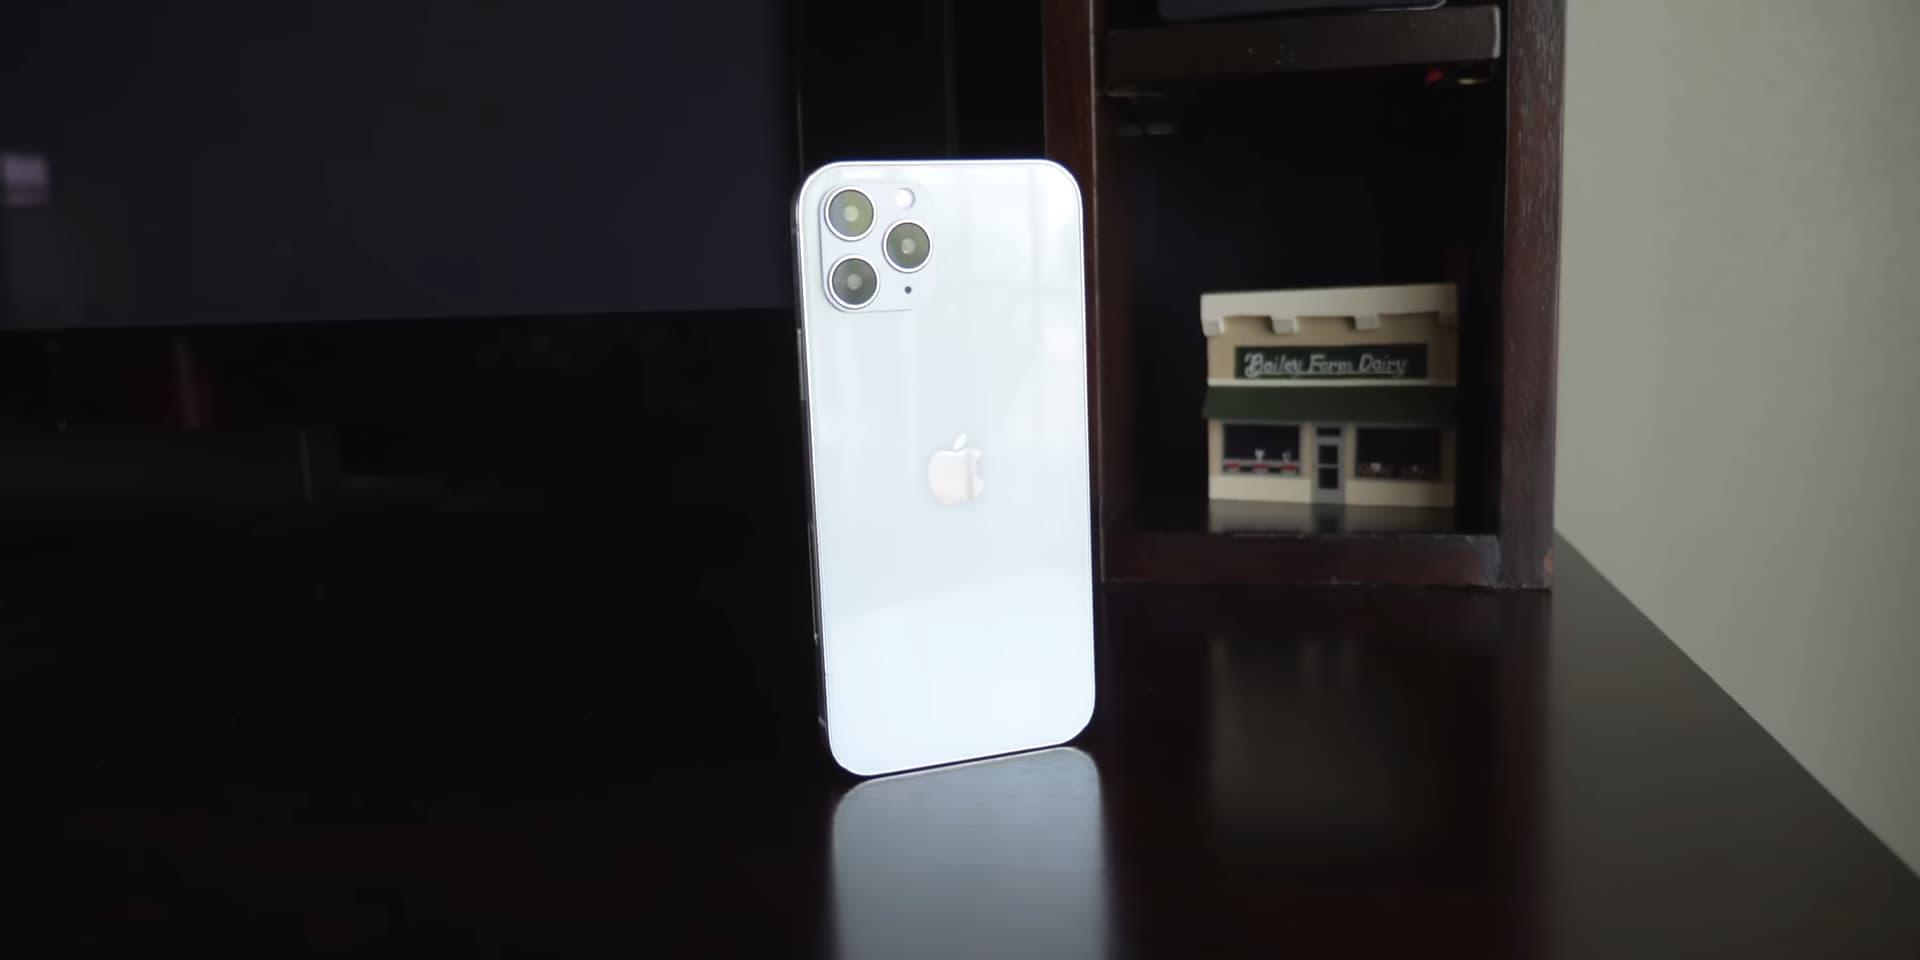 蘋果 iPhone 12 實機模型再度曝光,三款尺寸外觀近距離搶先看5